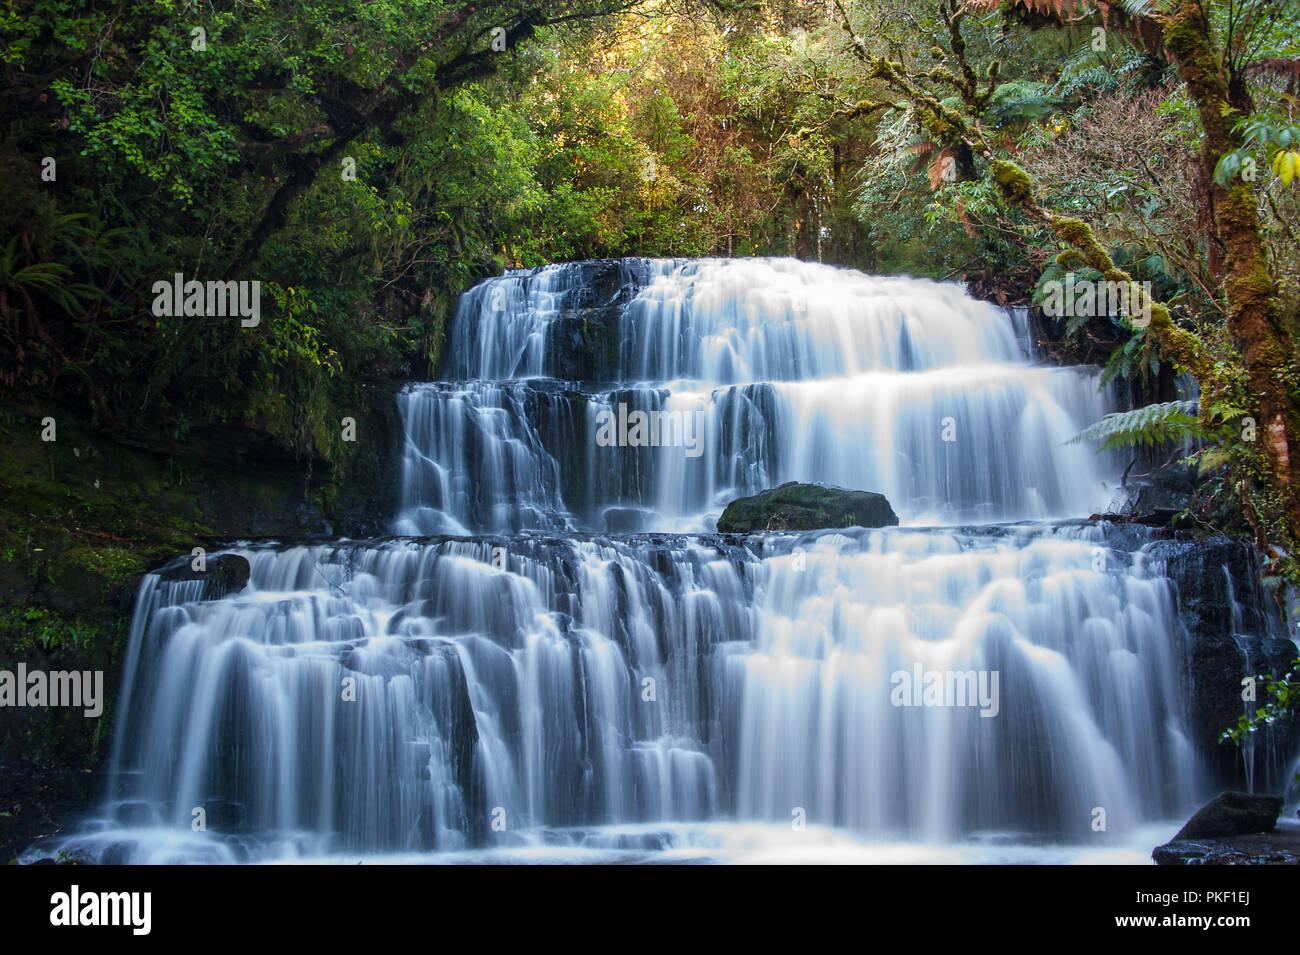 Purakaunui Falls, la région de l'Otago, Catlins, Nouvelle-Zélande. Majestic, multi-tiered falls entouré d'arrière-plan de la forêt tropicale Banque D'Images